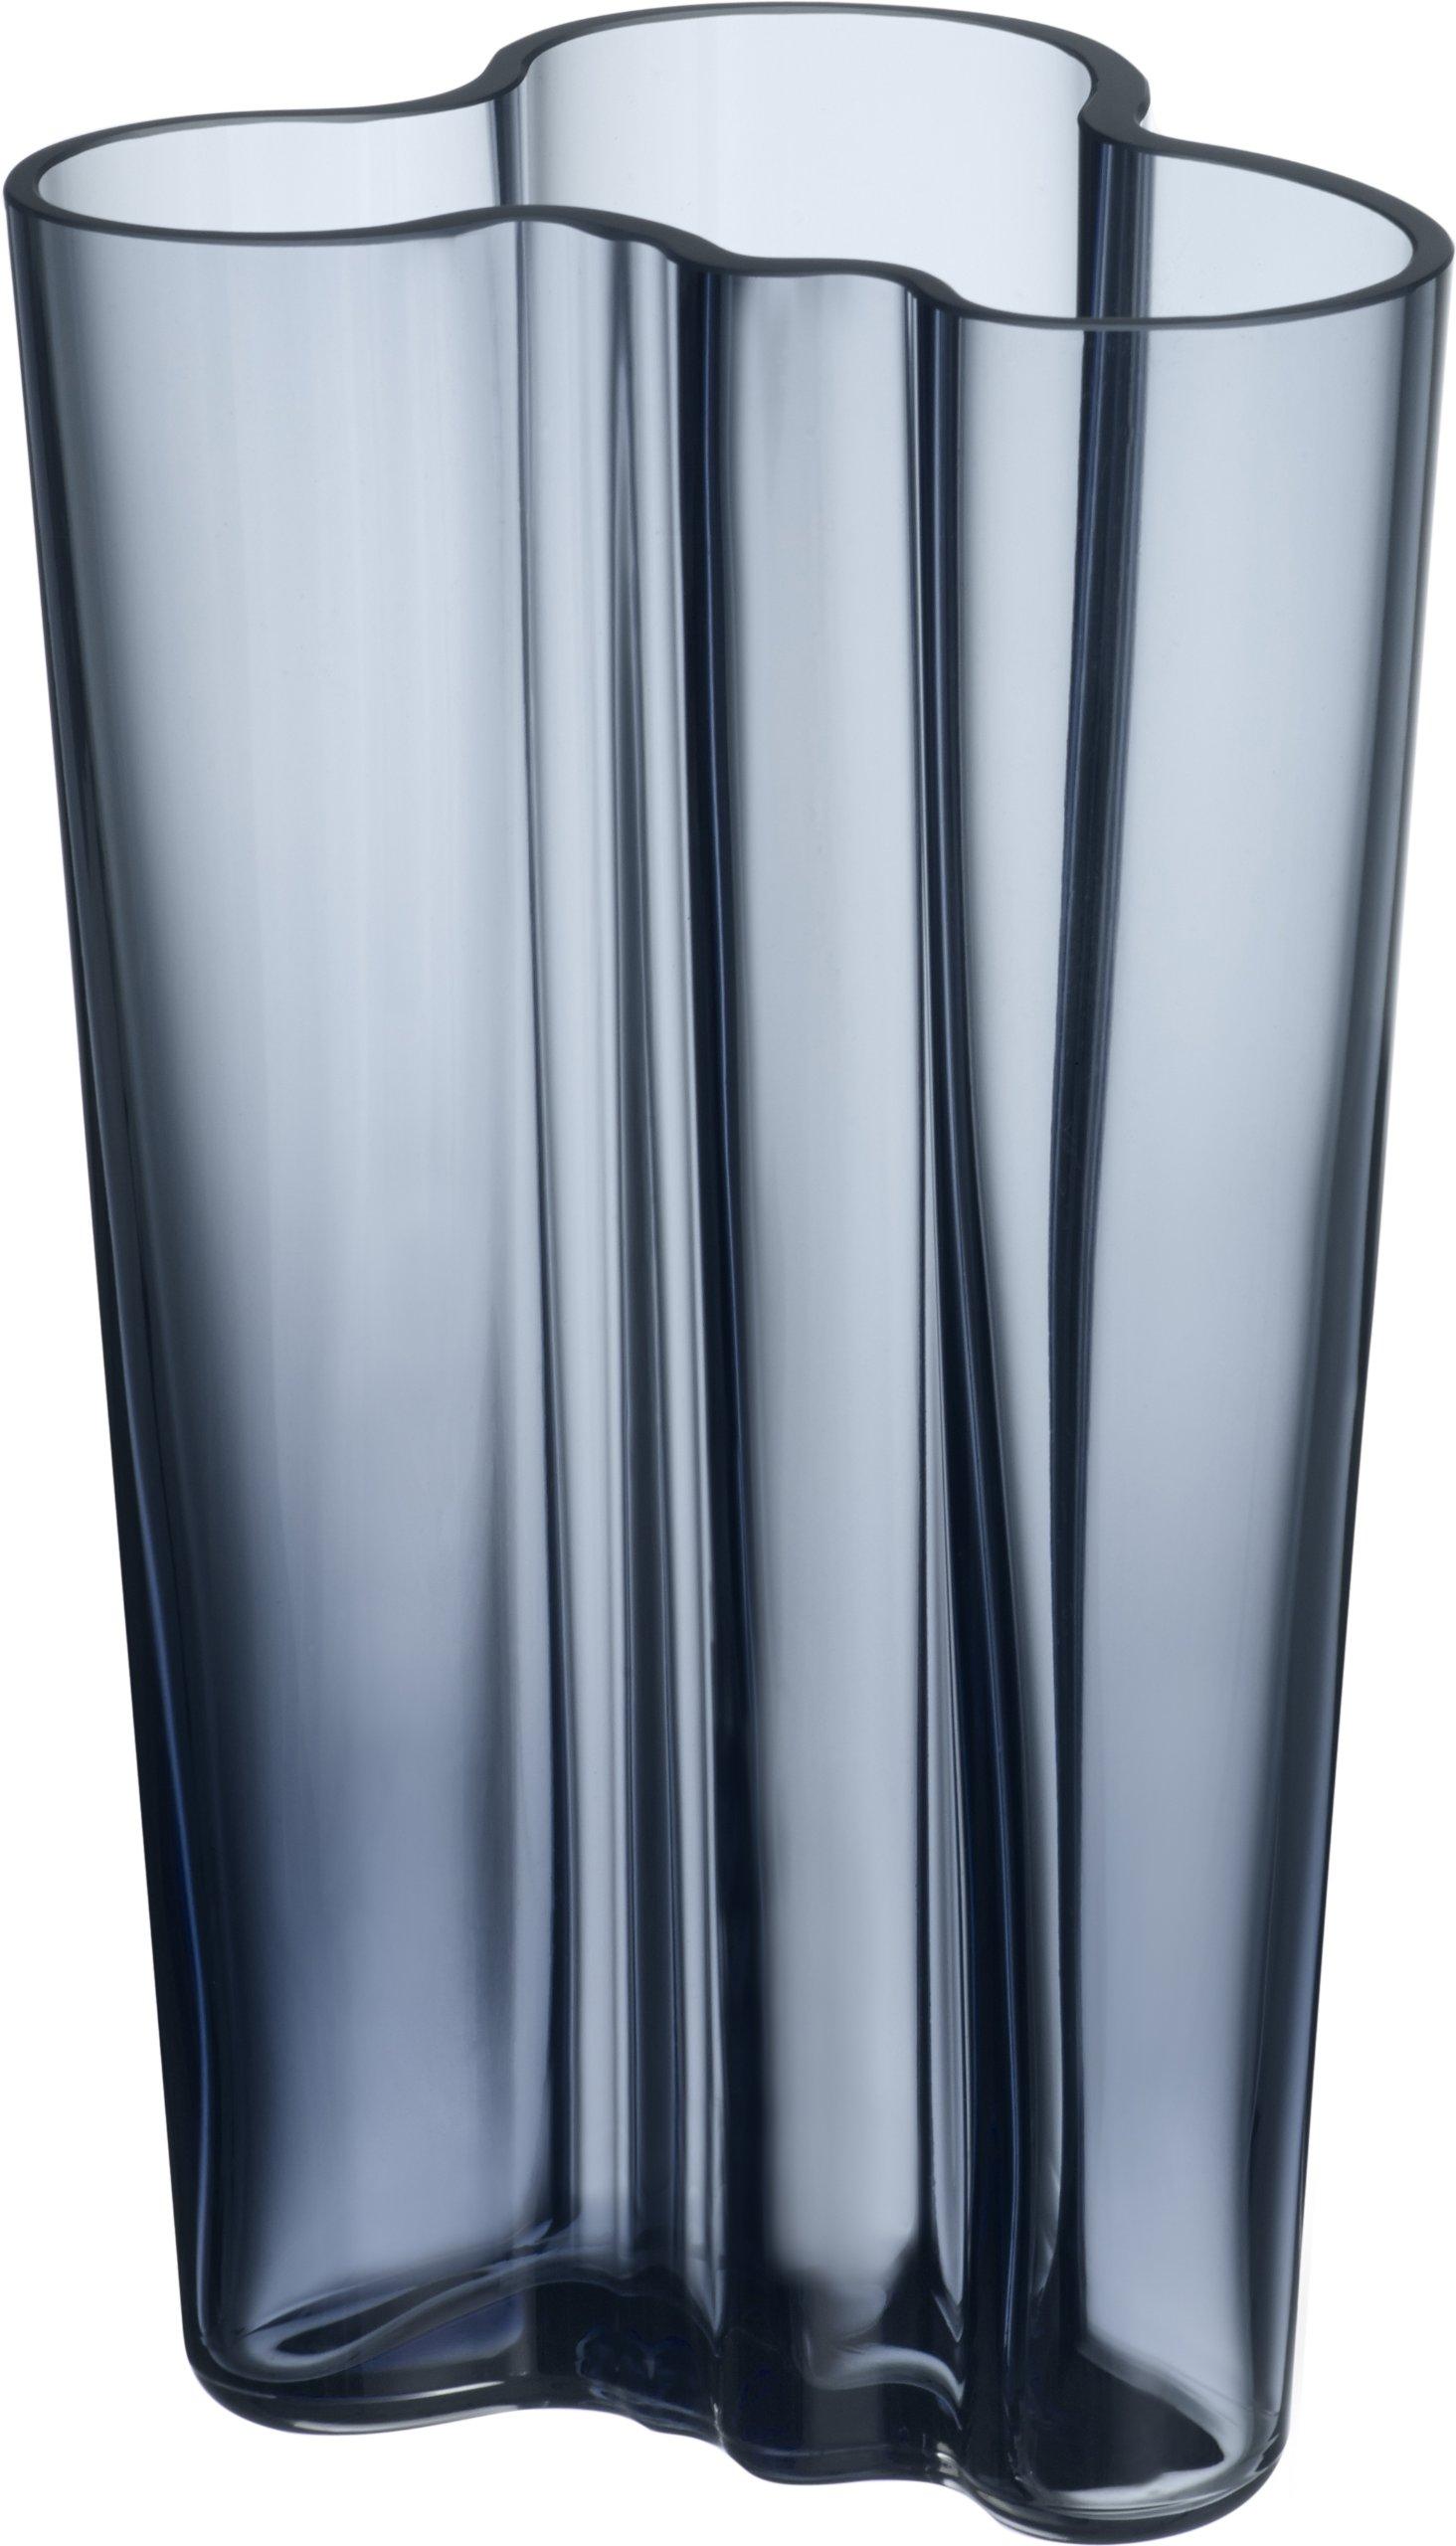 Iittala Aalto Finlandia Vase 7.75'' Rain